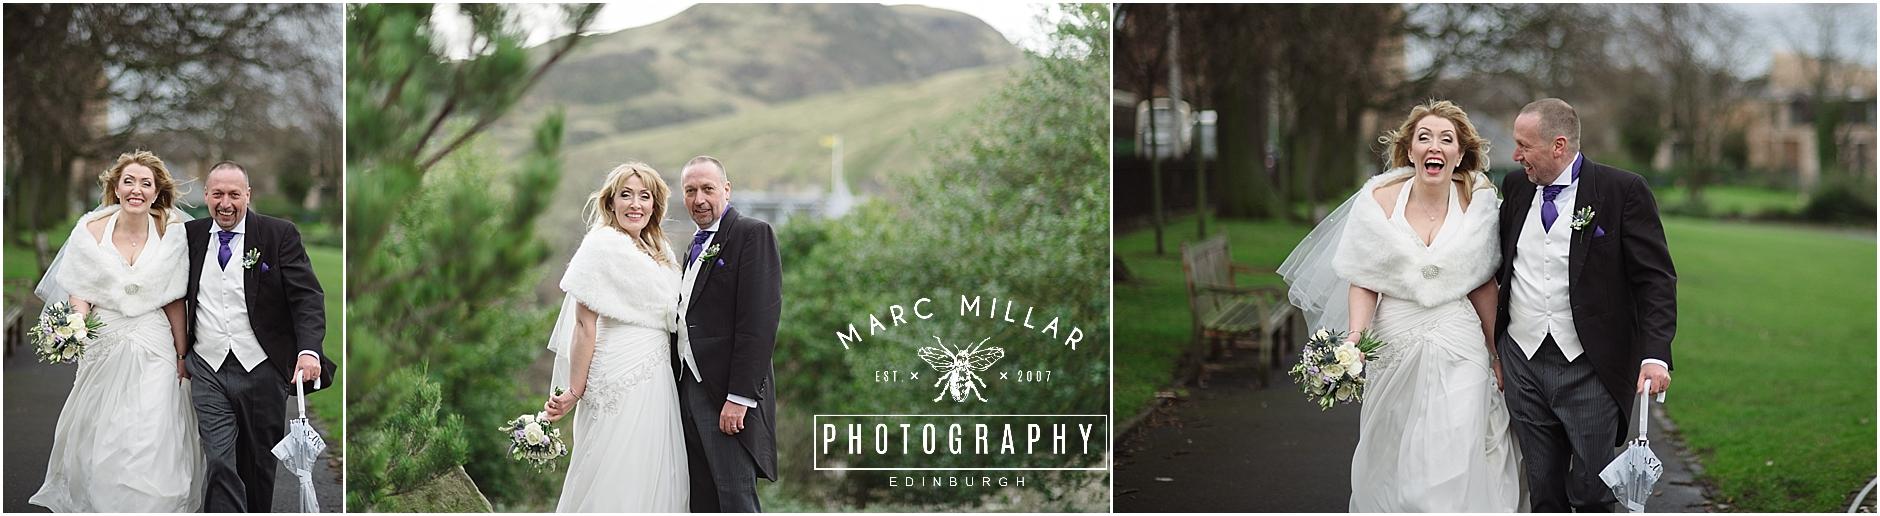 200216 Edinburgh Castle Wedding 376.jpg